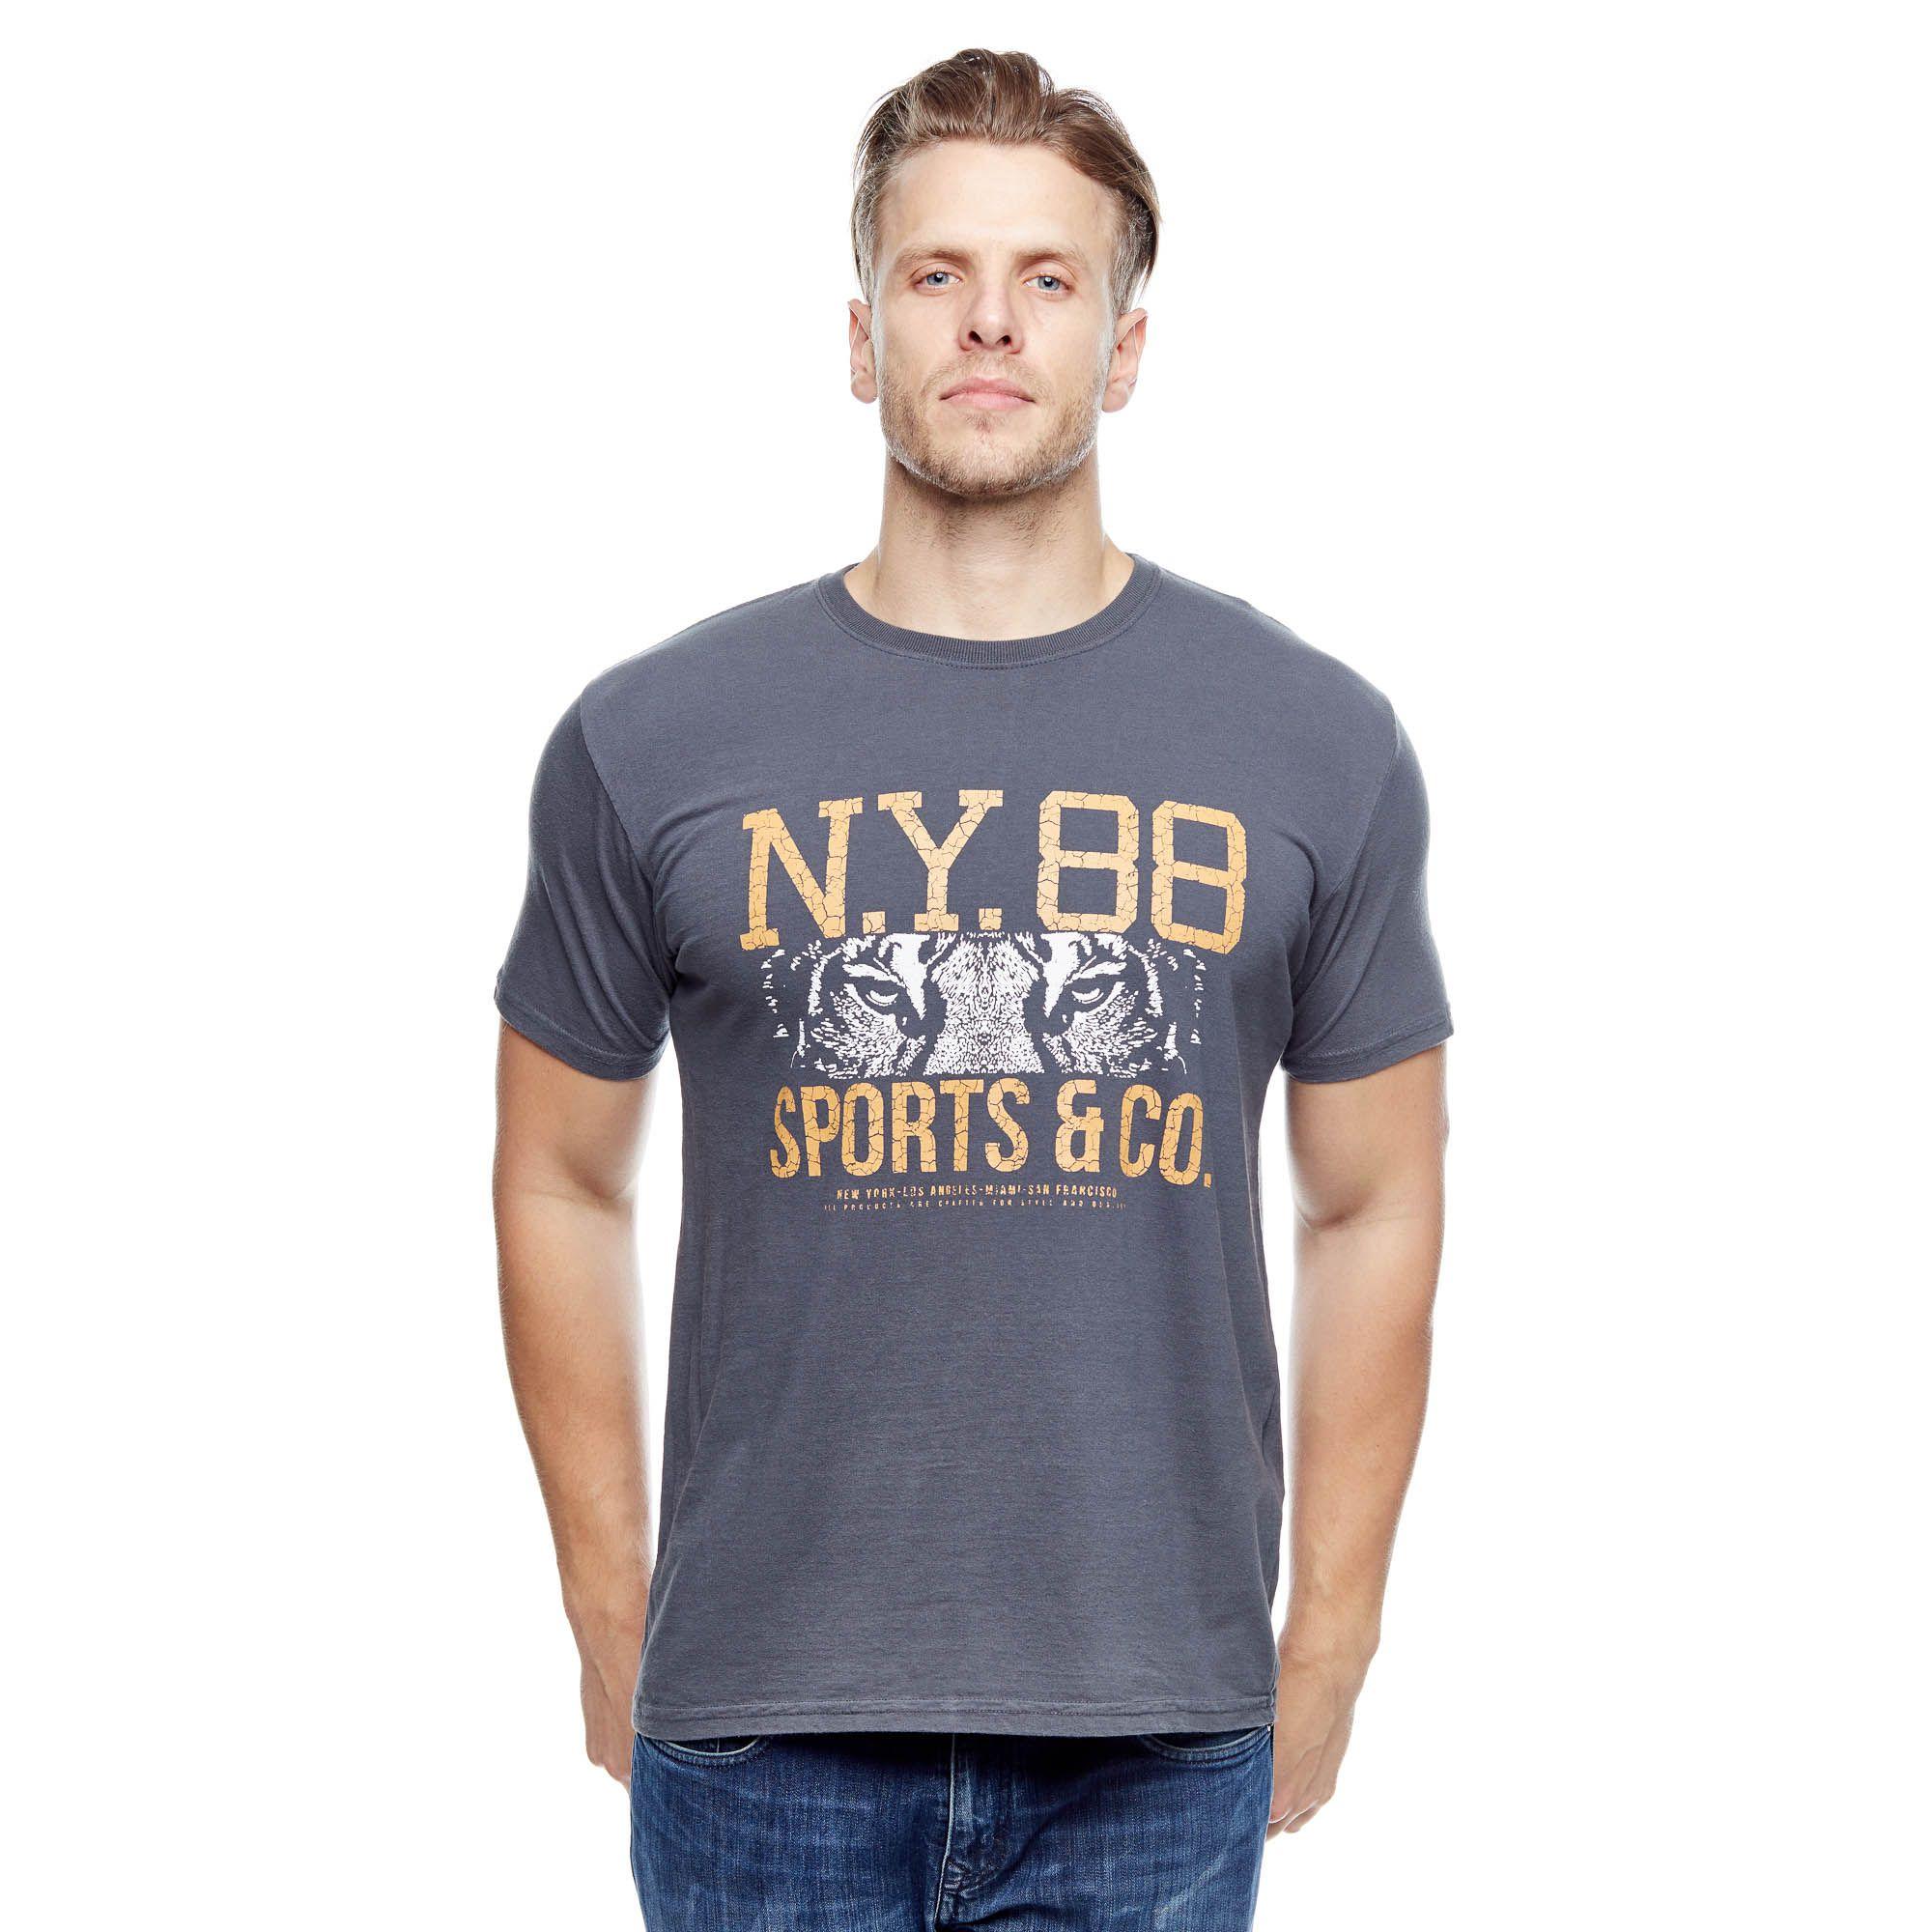 Camiseta Evolvee Ny Tiger Masculina